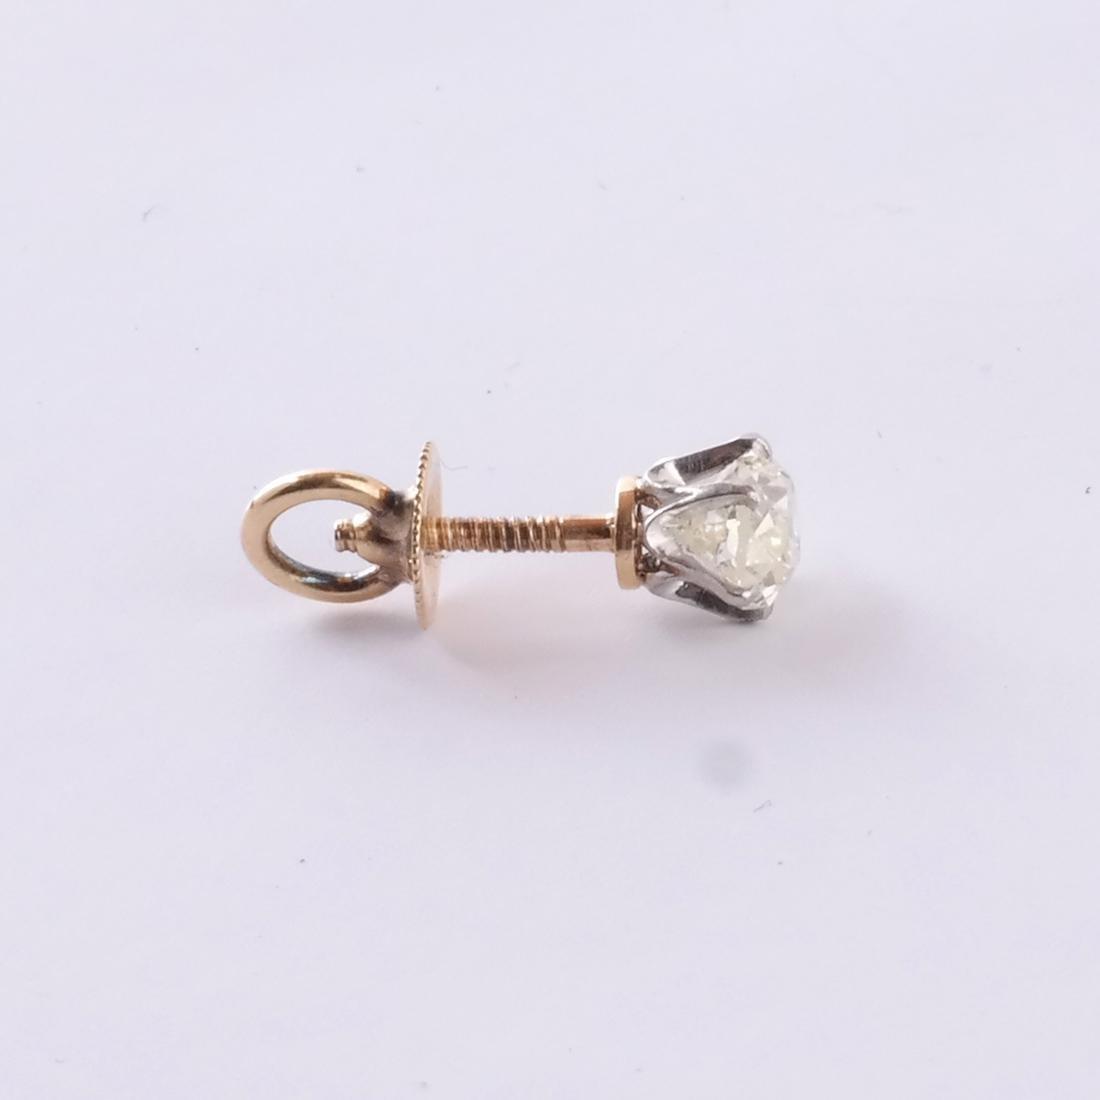 14k Pear Shaped Diamond Stud - 3